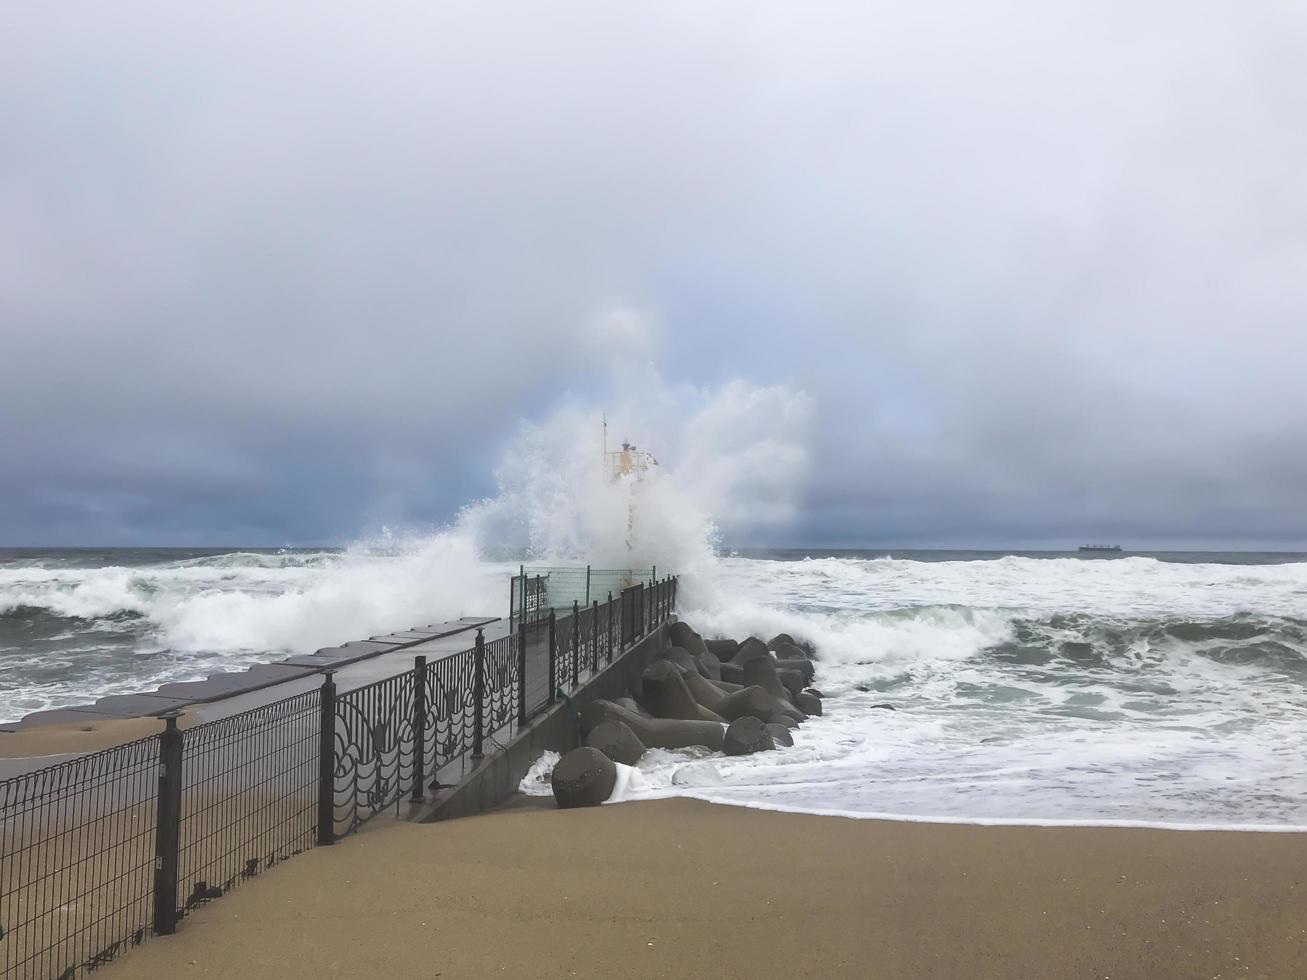 tyfon i Sydkorea. stora vågor bryter på tvätten. gangneung city beach. foto